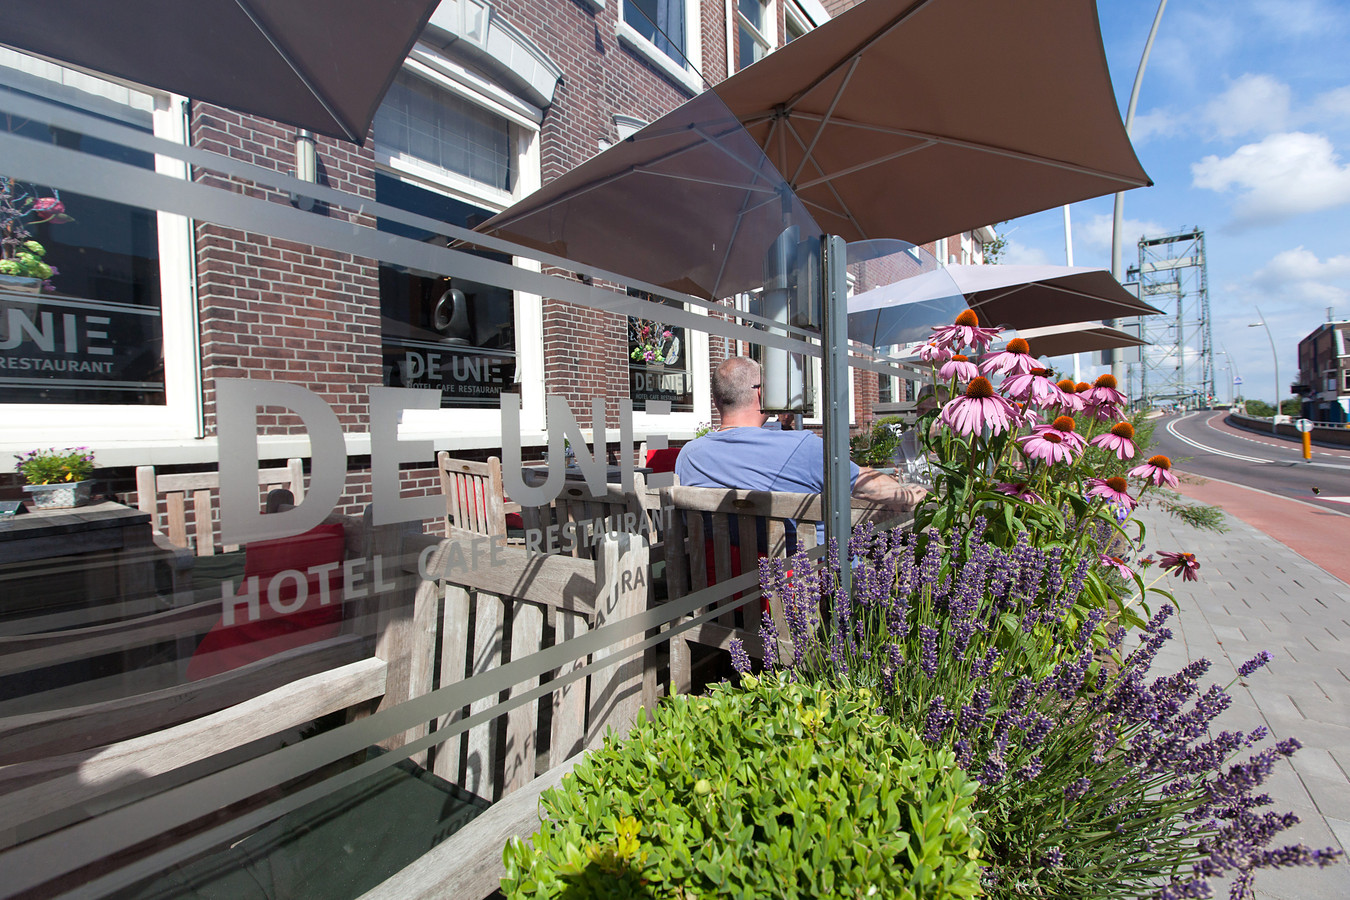 Een oude foto uit 2013 van hotel-restaurant Waddinxveen, dat nog altijd bekend staat als De Unie. De zaak is failliet.